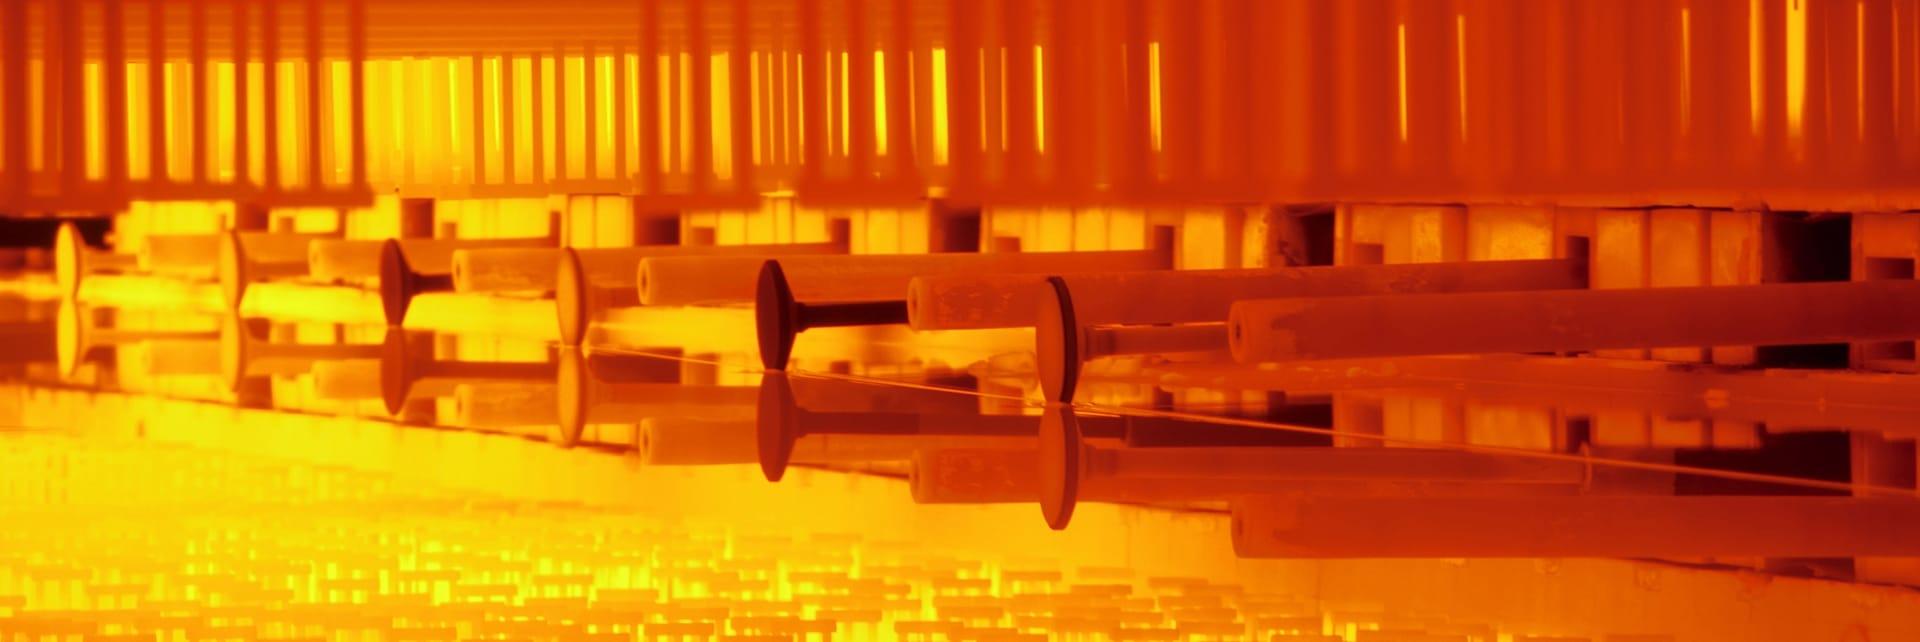 Glas Spiegel Altenkirchen glasspiegel altenkirchen basisglas